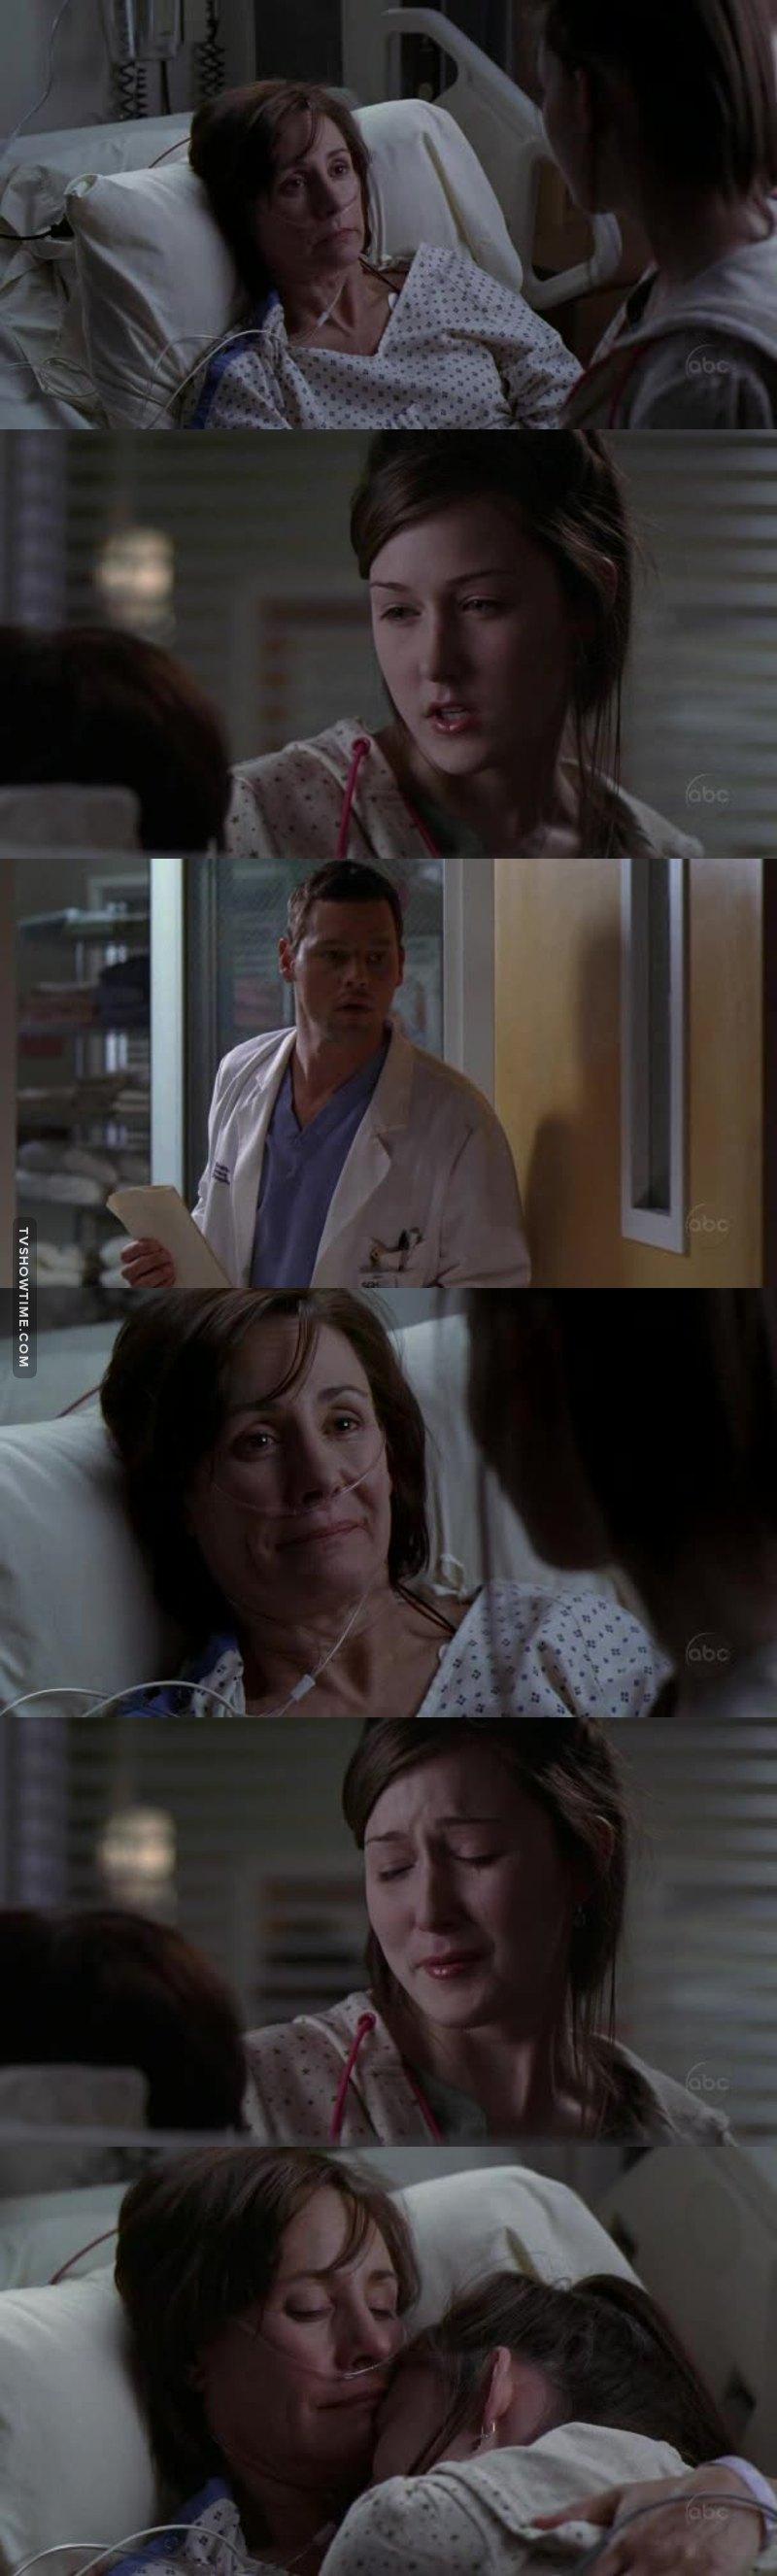 Esta cena partiu meu coração 💔😭